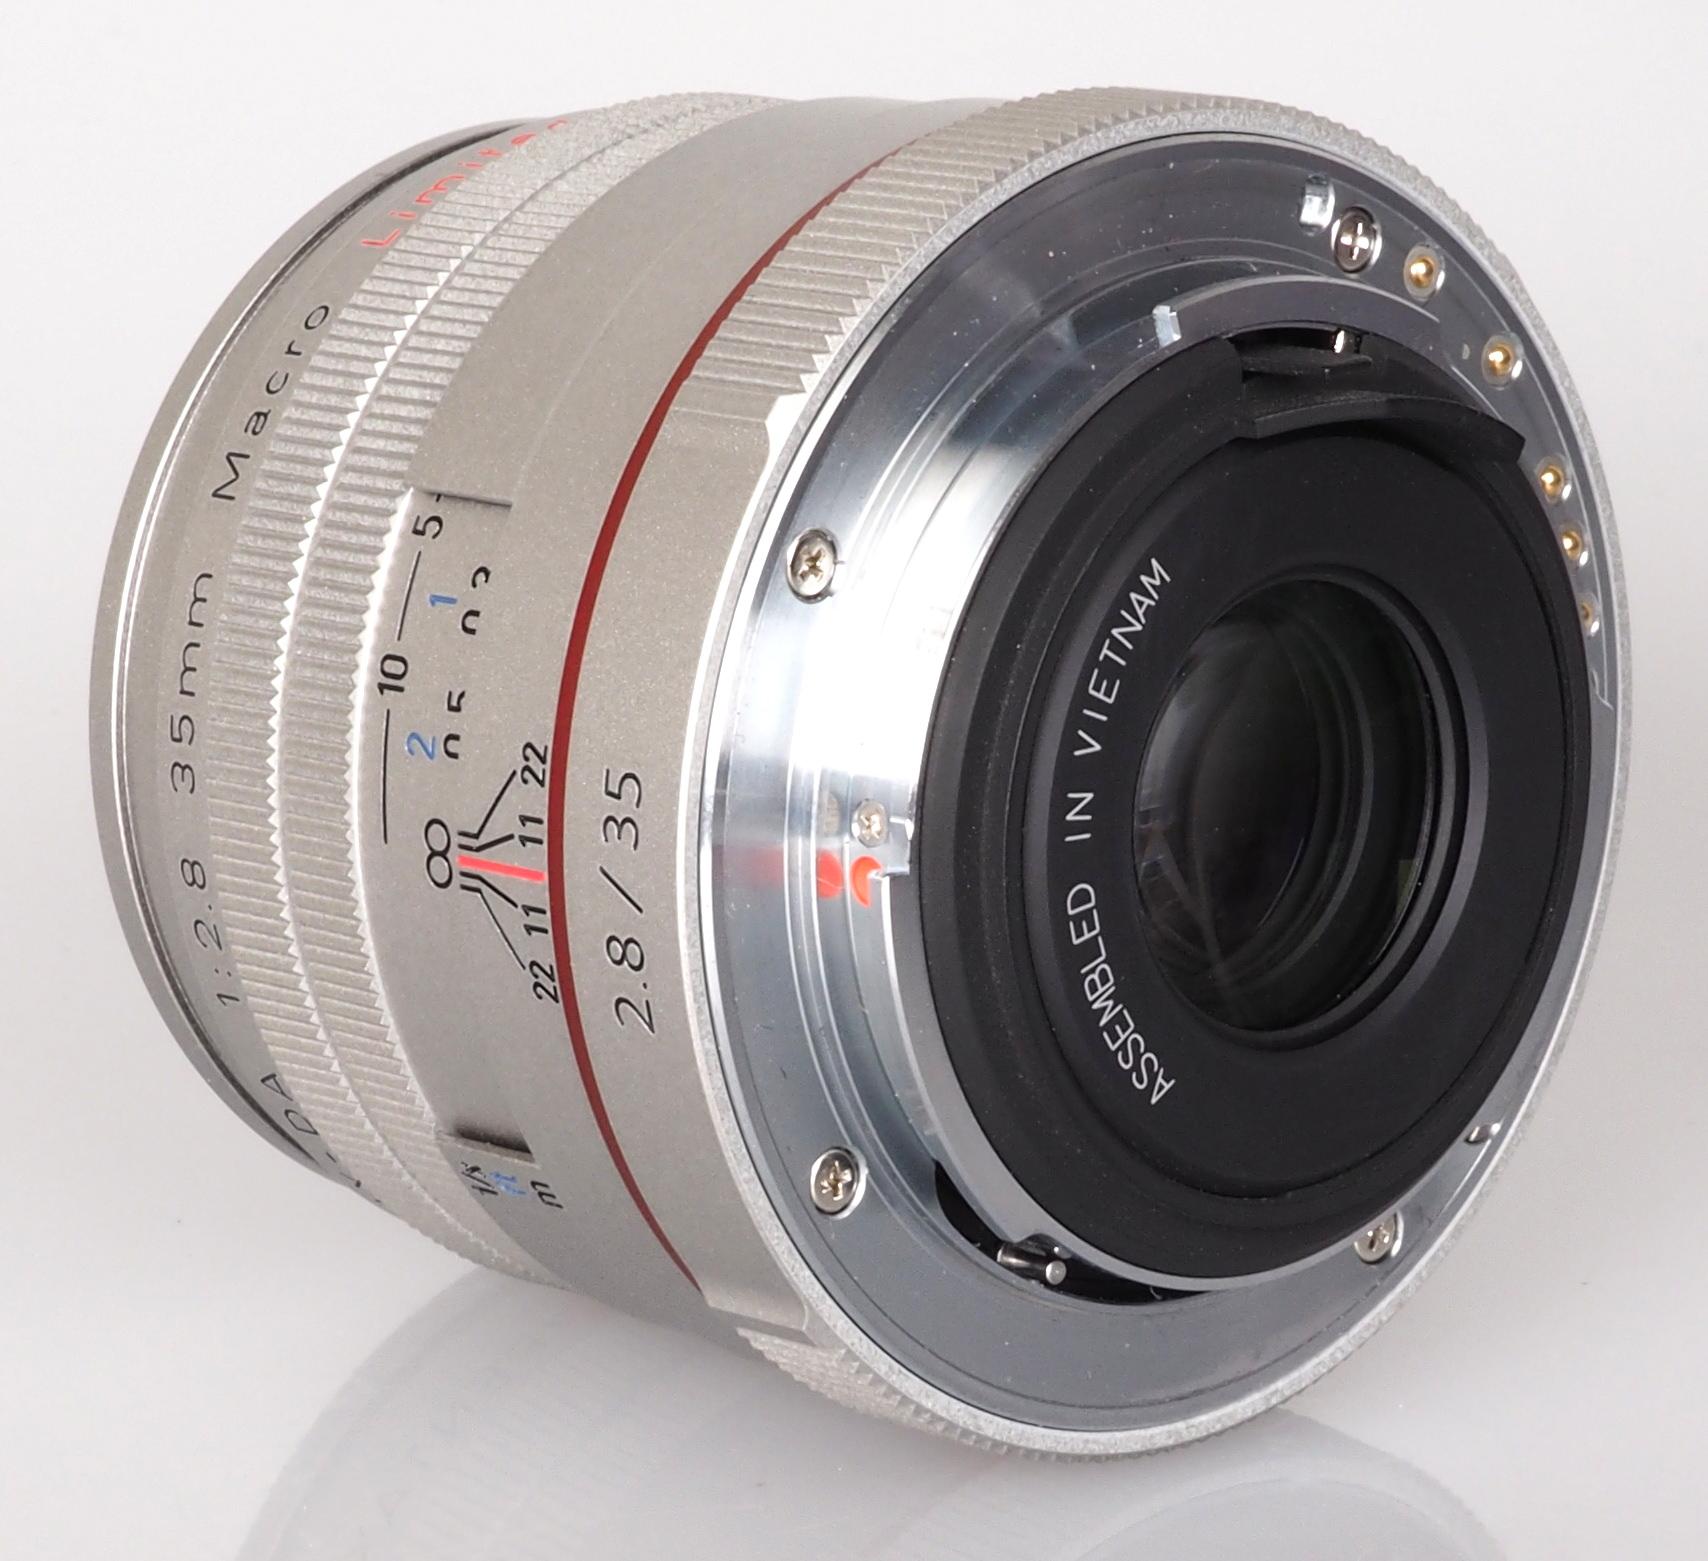 полноразмерные фото с объективов лучше давать